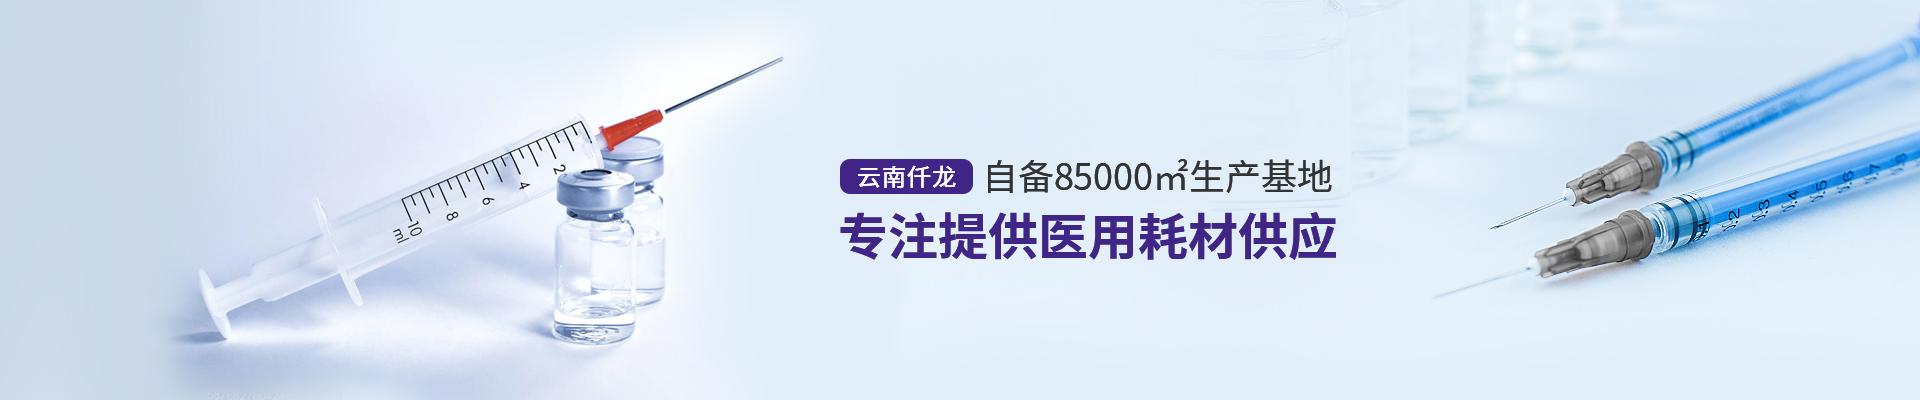 云南仟龙,自备85000㎡生产基地,专注提供医用耗材供应